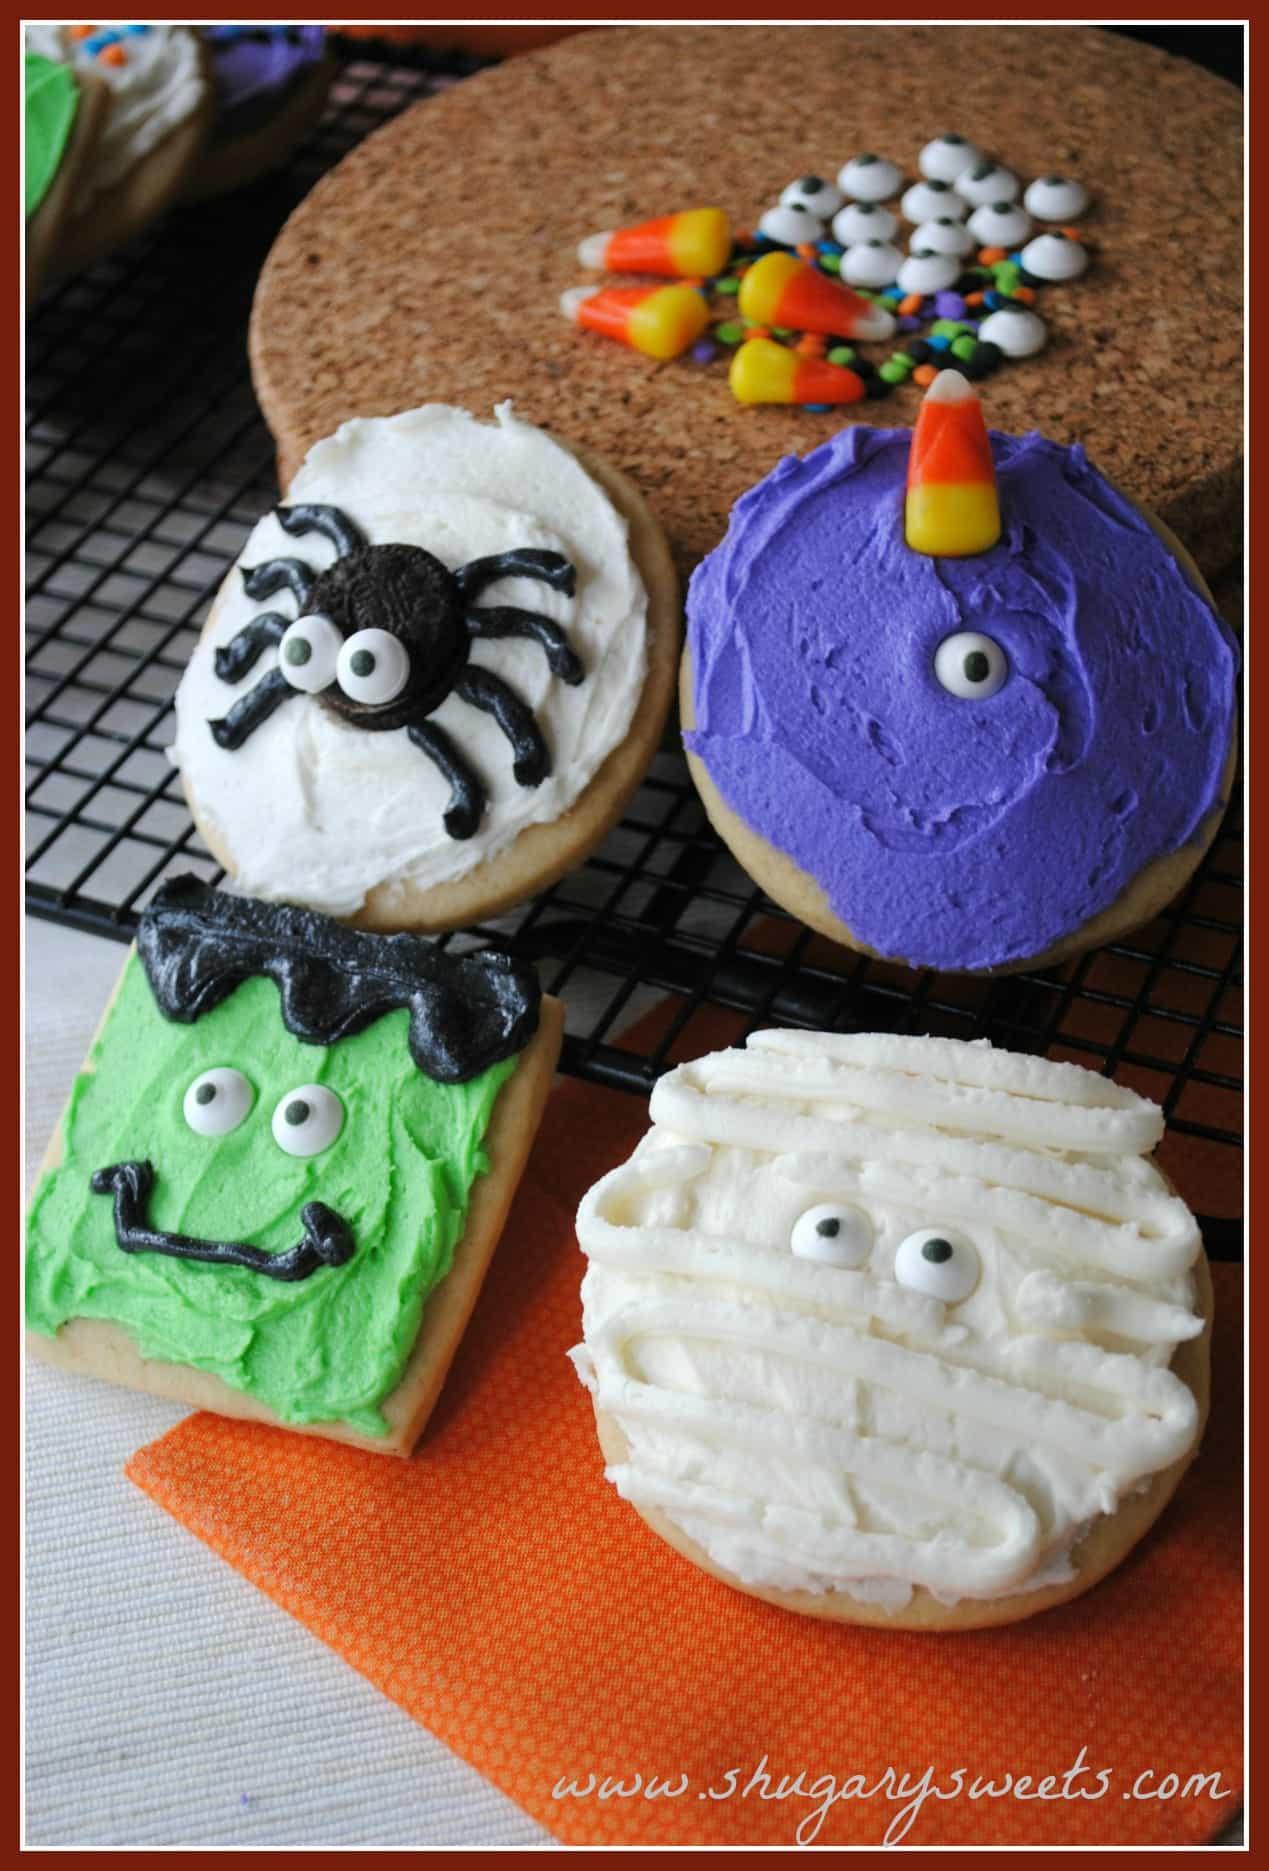 4 sugar cookies decorated like Halloween monsters.